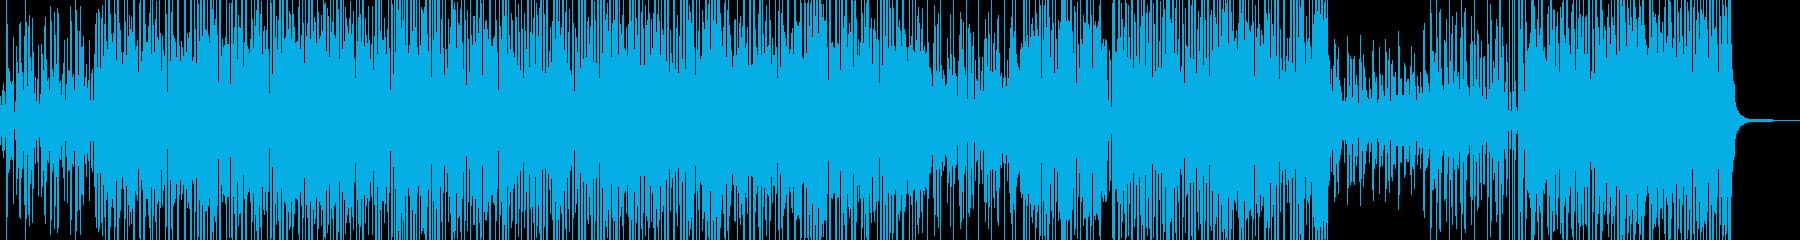 ポップなイベントが始まるようなBGMの再生済みの波形